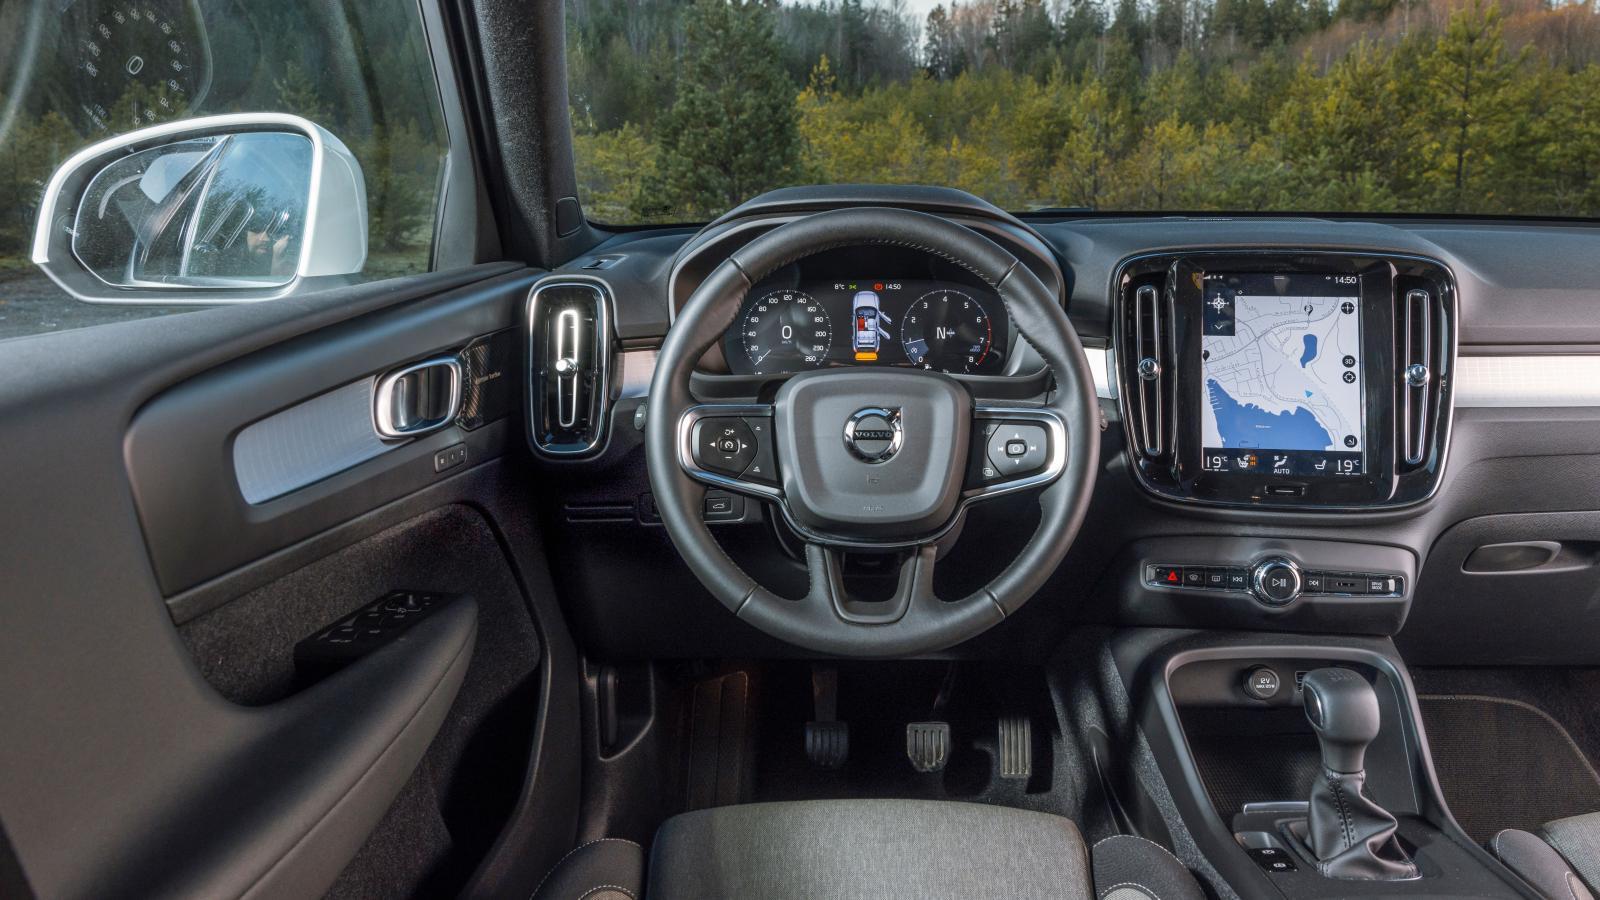 Volvo: Få knappar på instrumentpanelen, det mesta styrs från skärmen eller med knapparna i ratten. Pekjusteringen av värme och elstolar är omständlig.